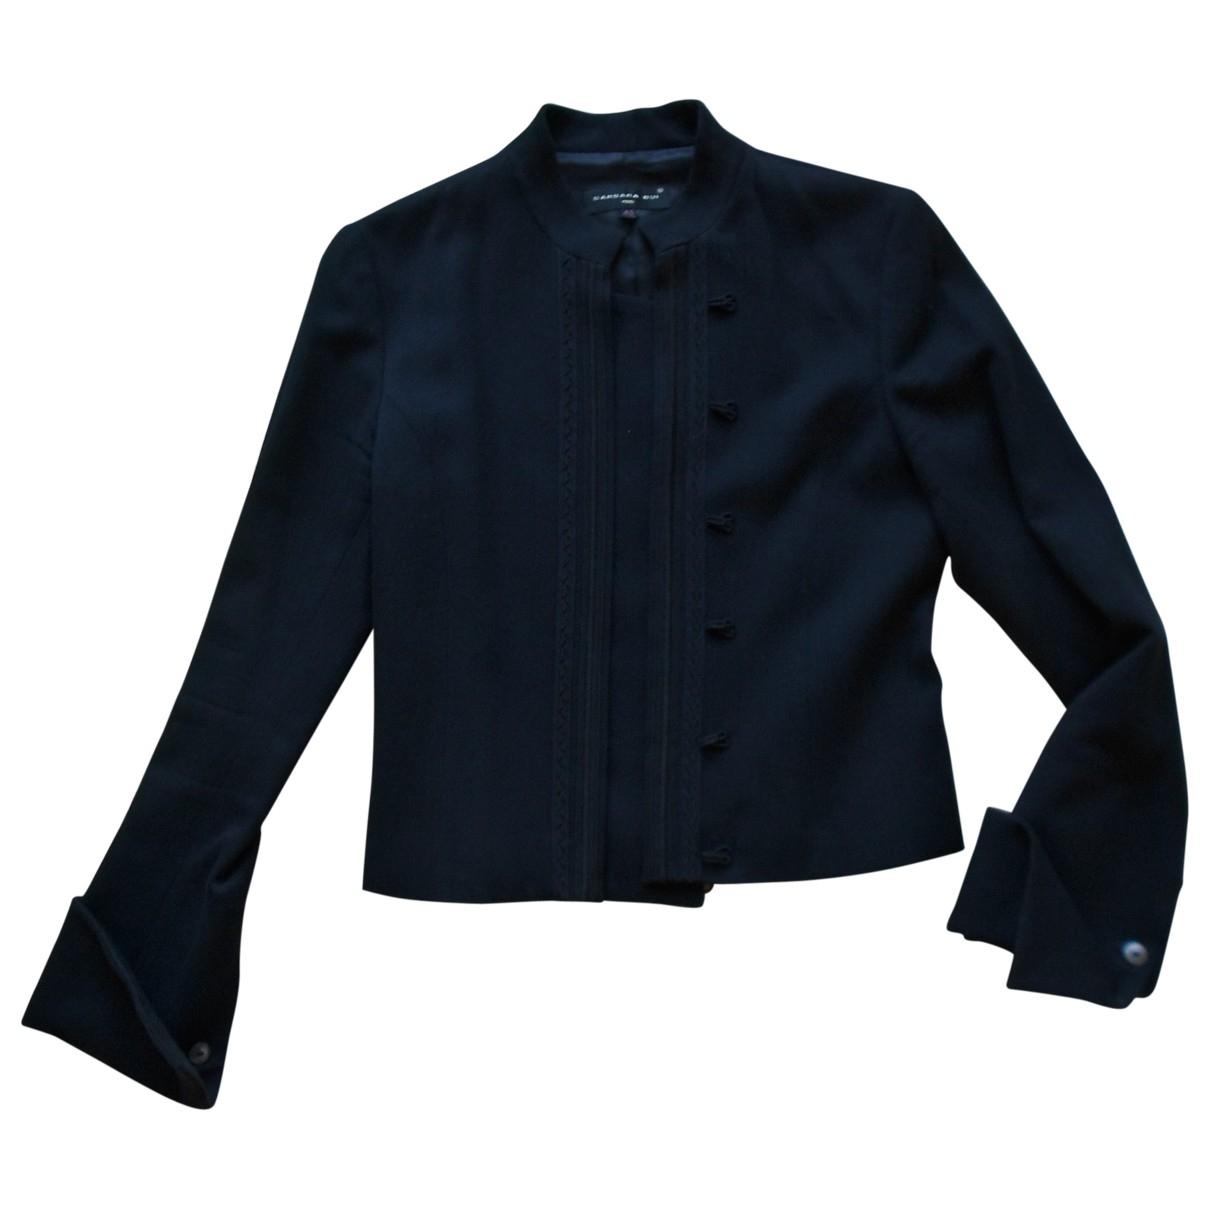 Barbara Bui \N Black Wool jacket for Women 40 FR